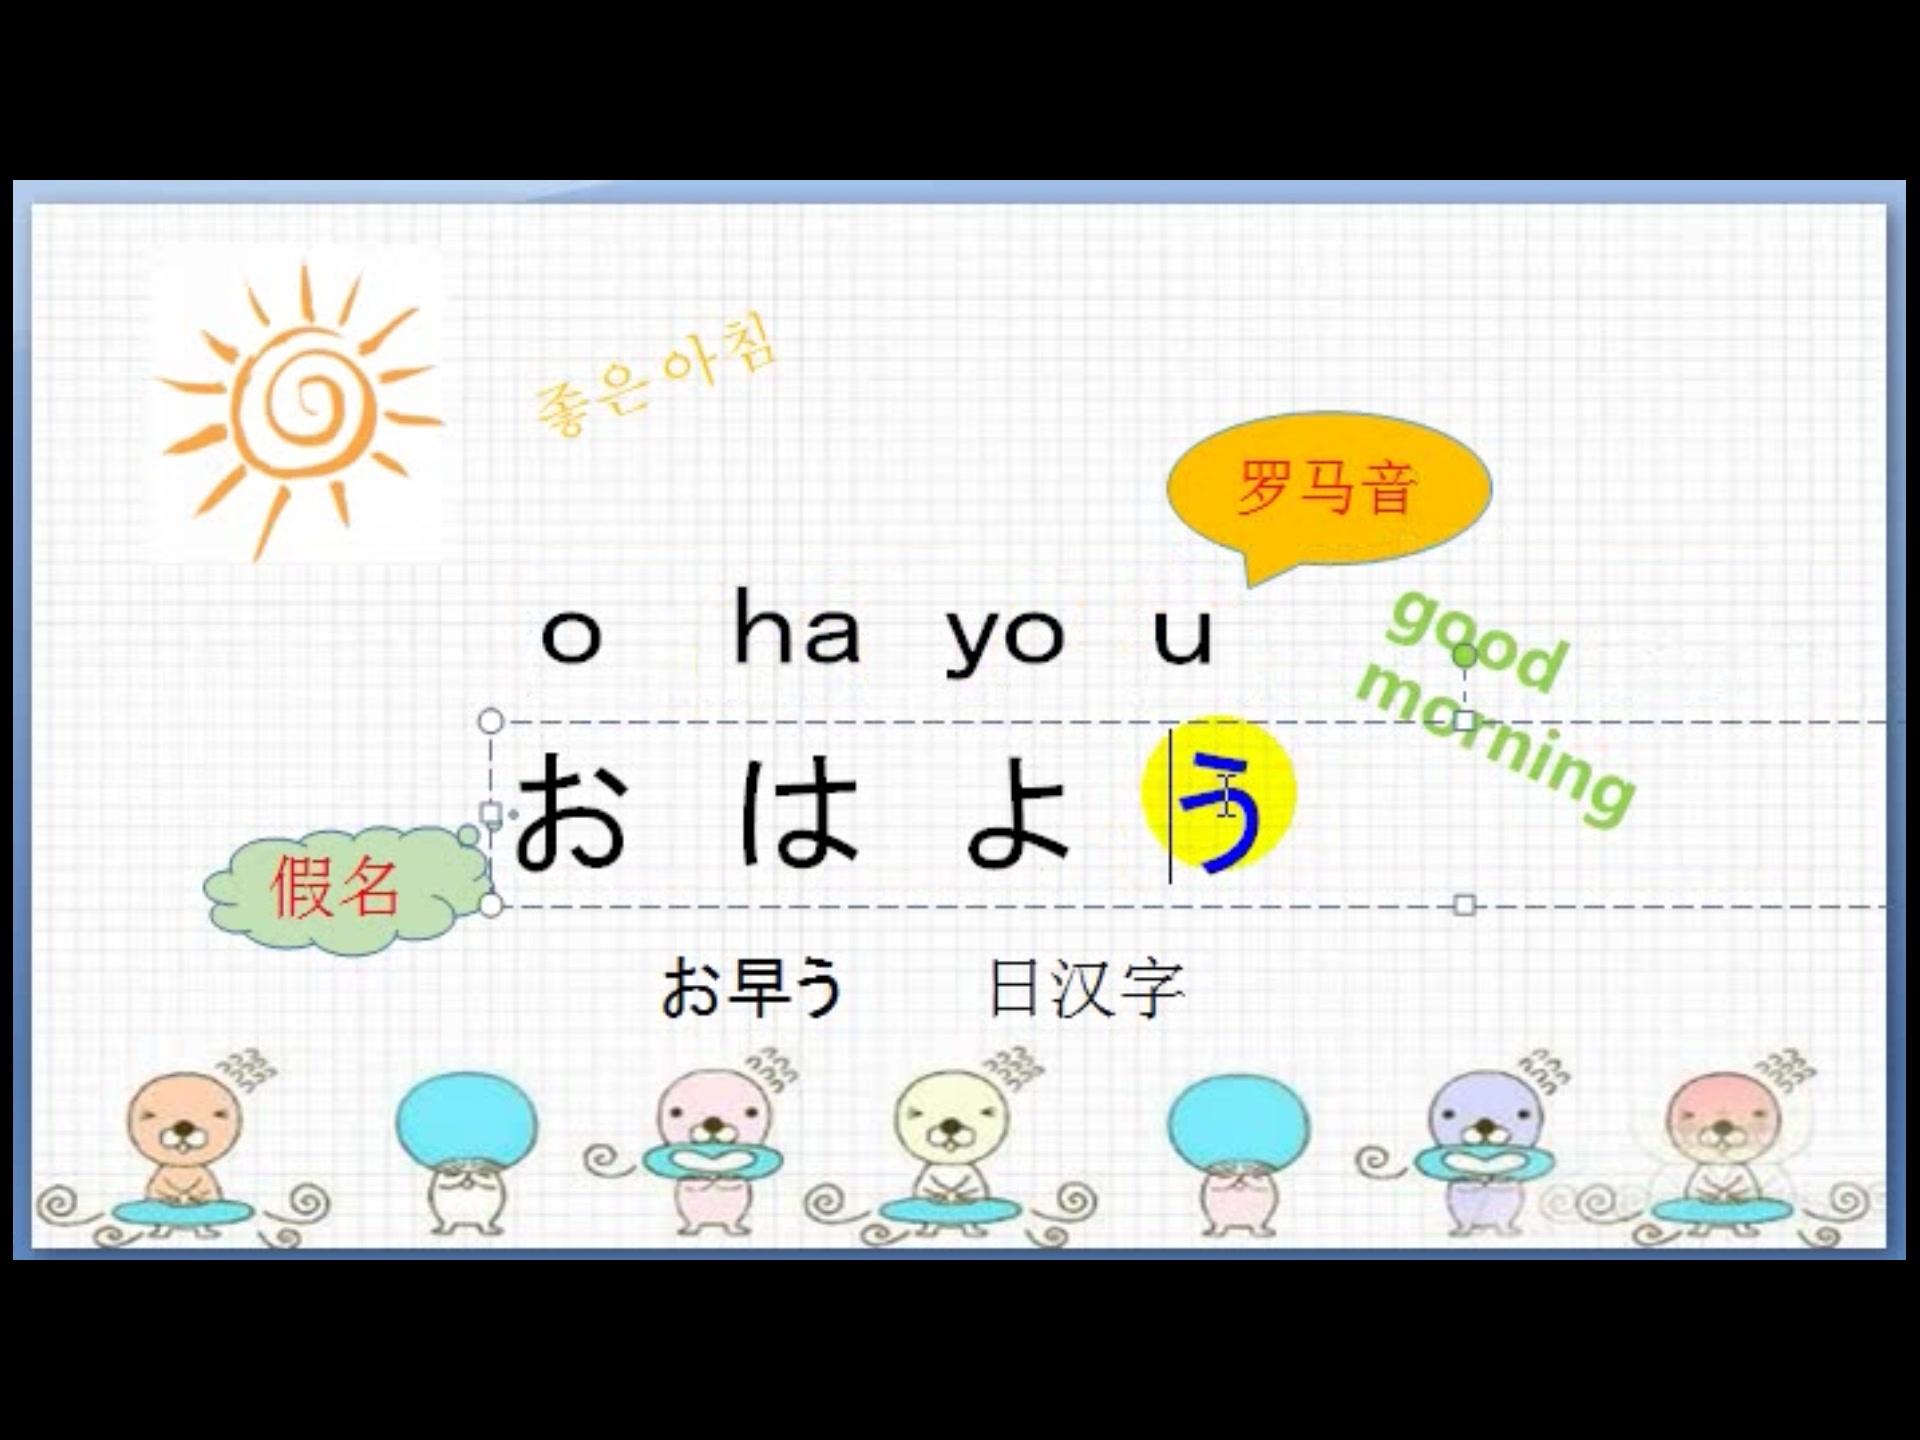 日语早上好怎么写 图片合集图片